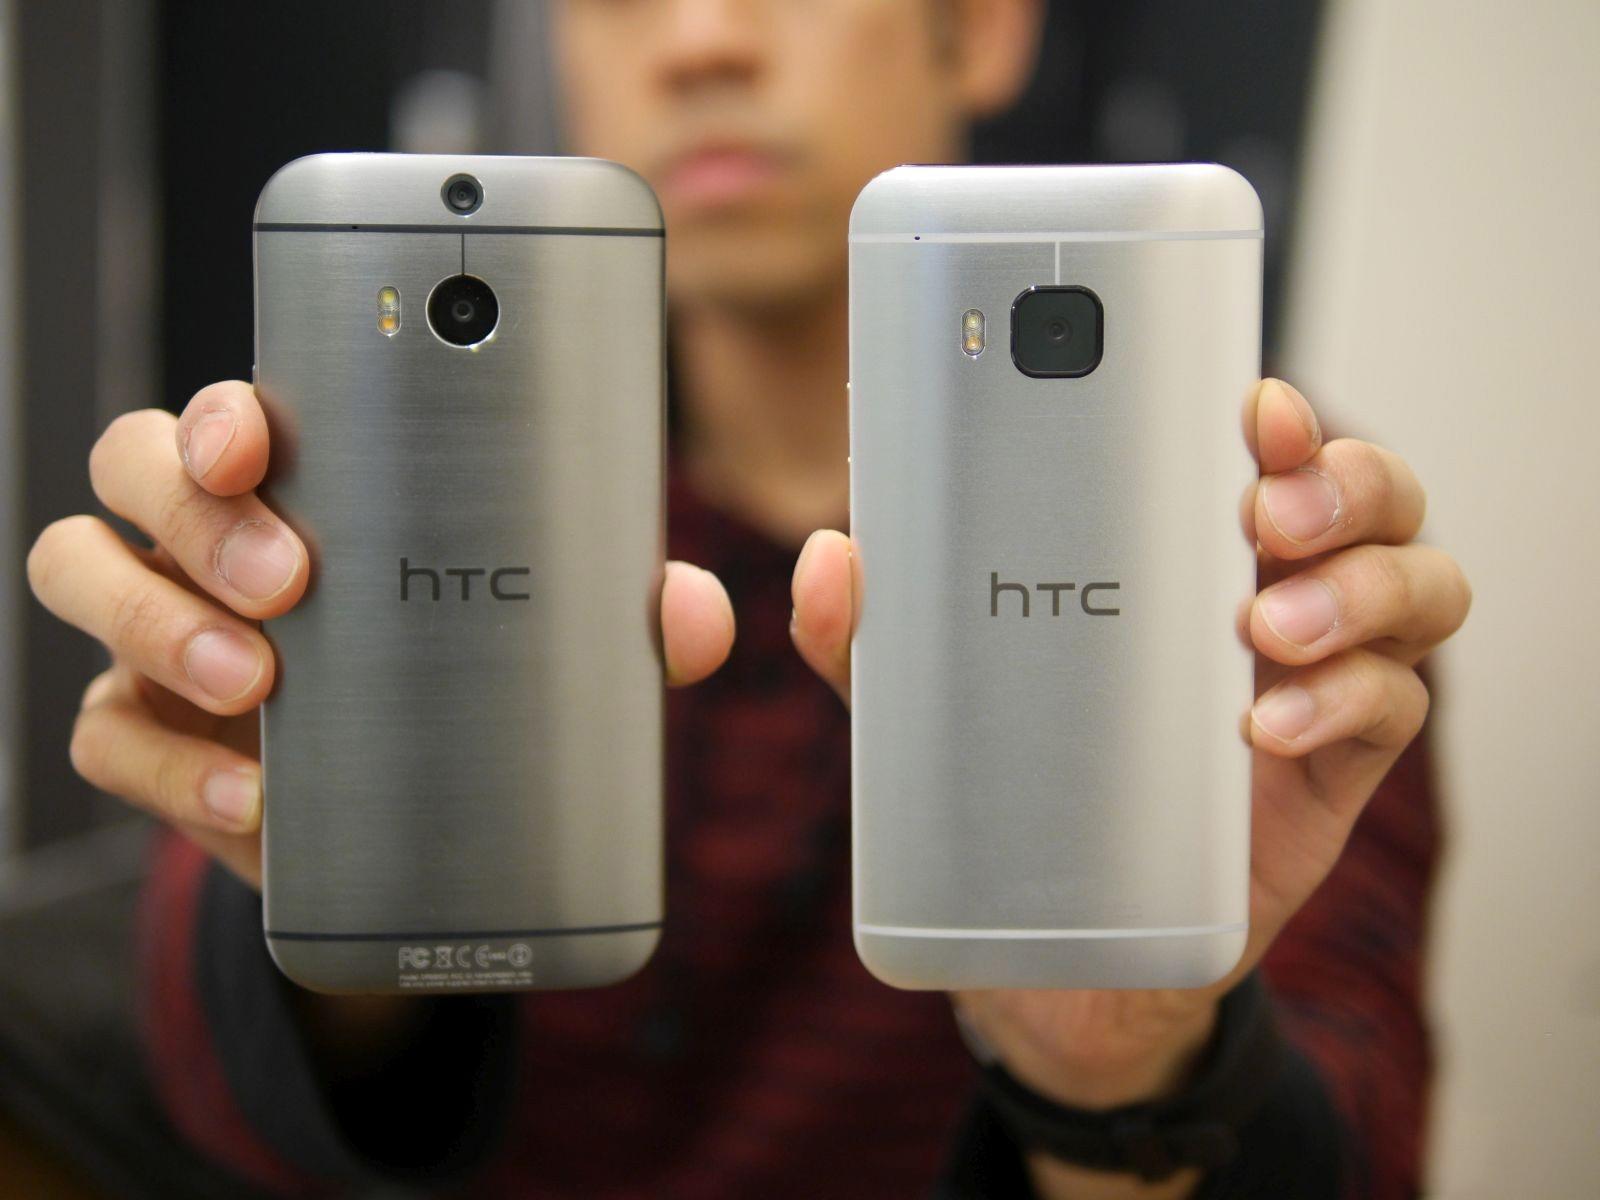 HTC One A9 - HTC One A9 sẽ có màn hình 1080 x 1920?